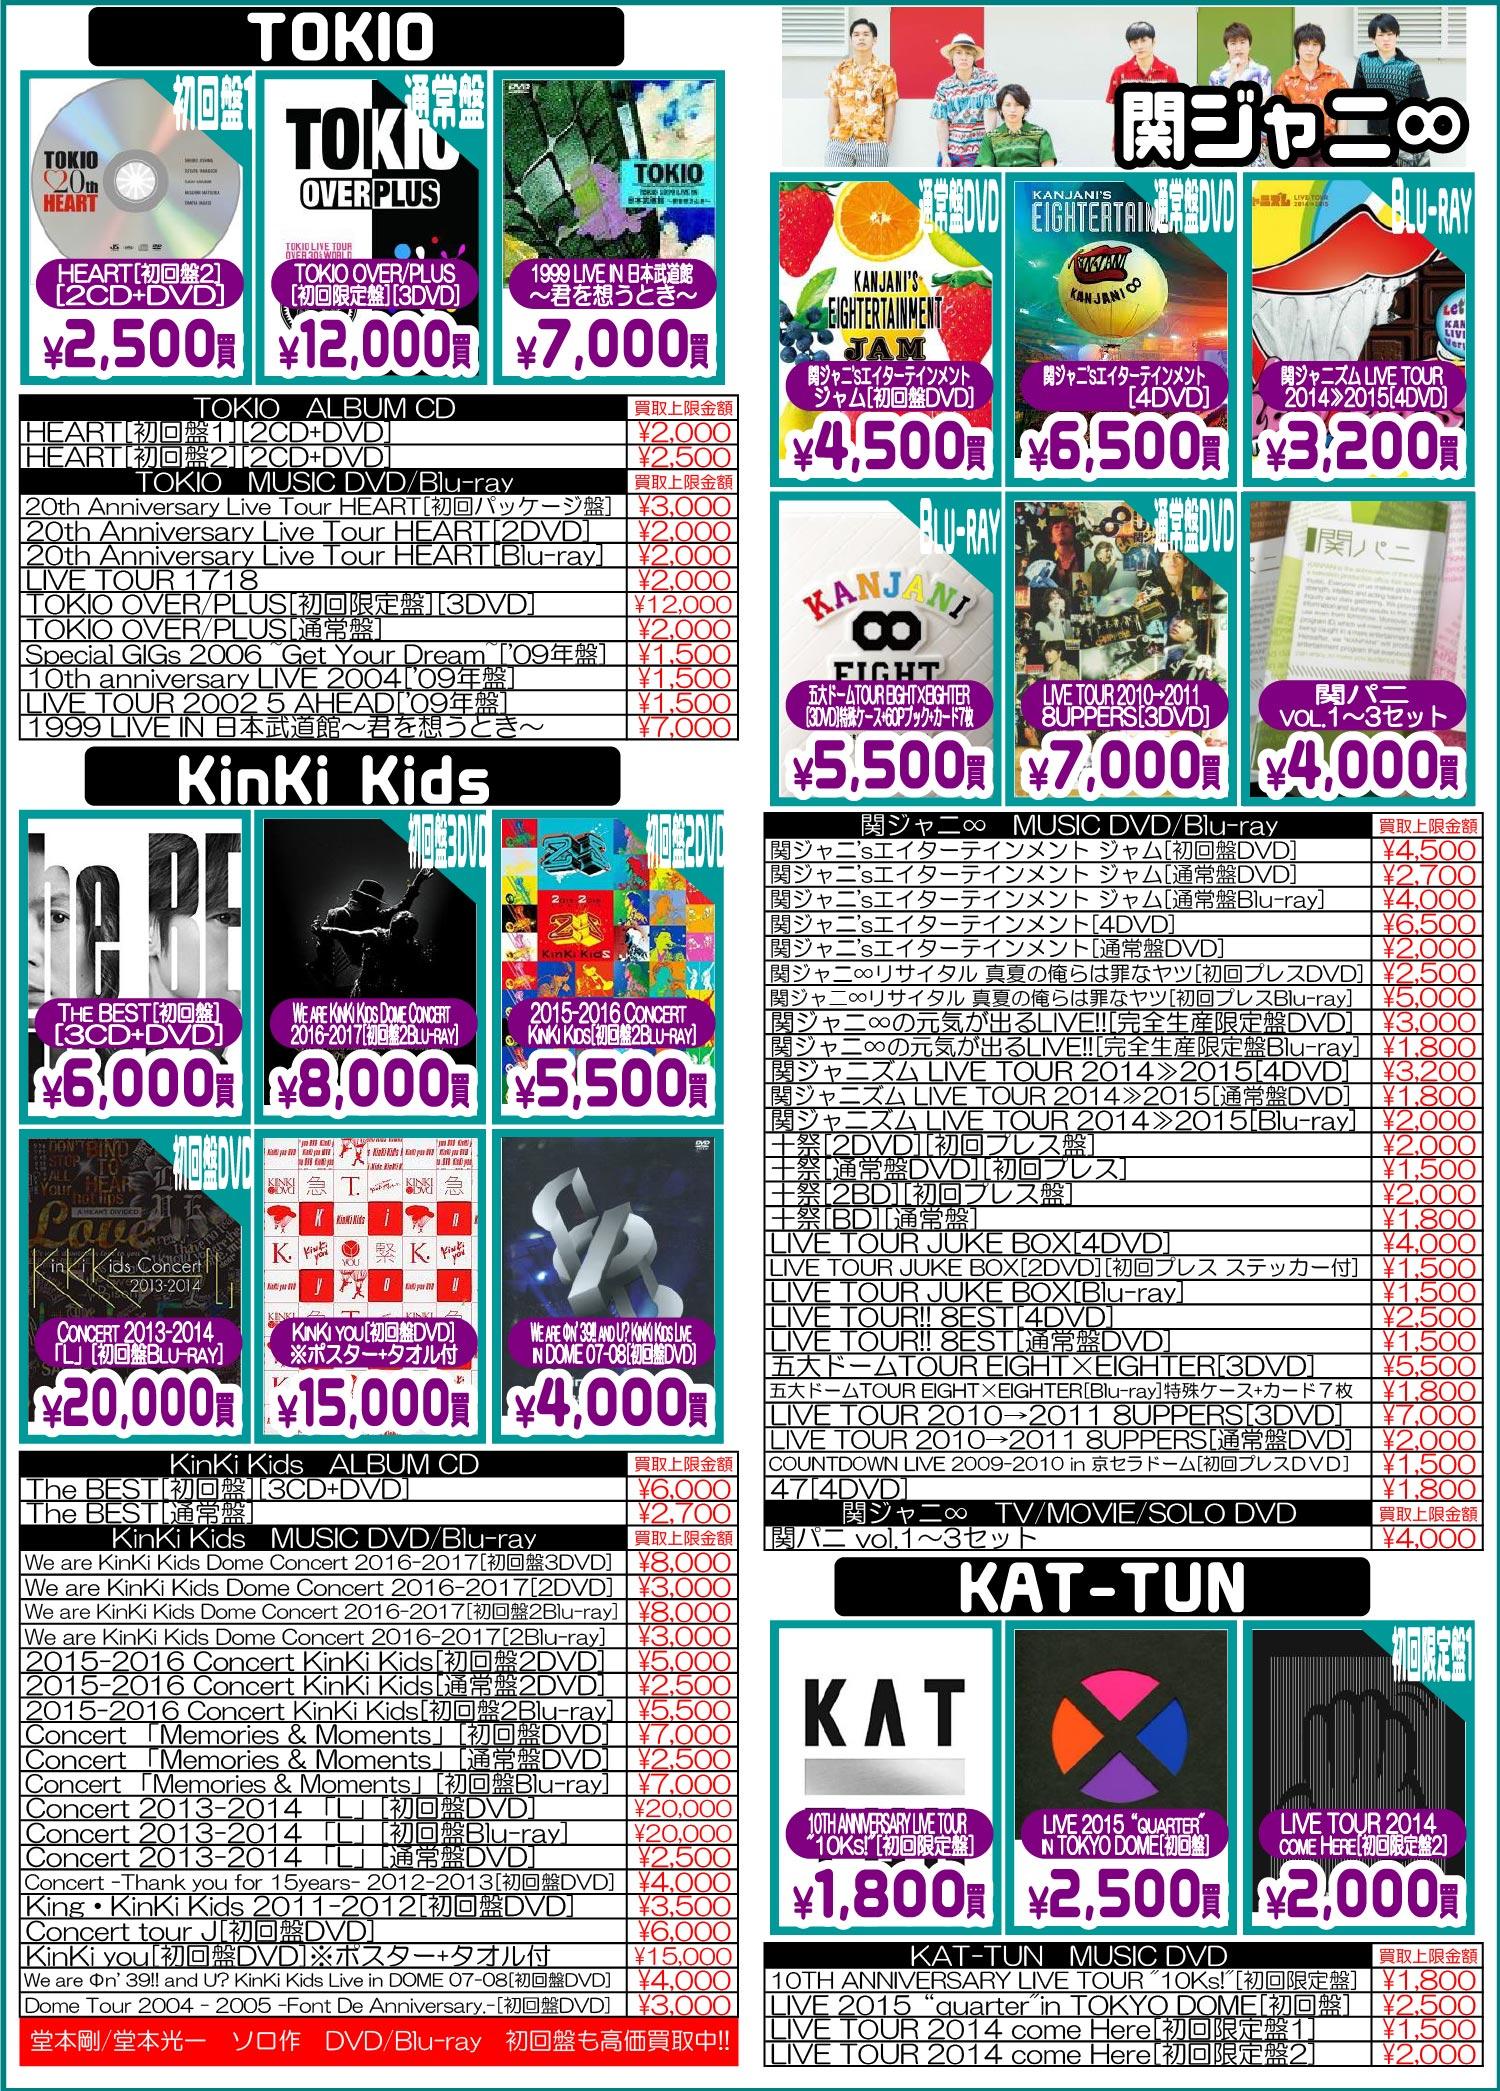 「開放倉庫山城店」CDコーナー<ジャニーズ買取告知3月号>TOKIO、Kinki Kids、関ジャニ∞、KAT-TUN、堂本剛、堂本光一、ソロ作、DVD・Blu-ray、初回盤も高価買取中!